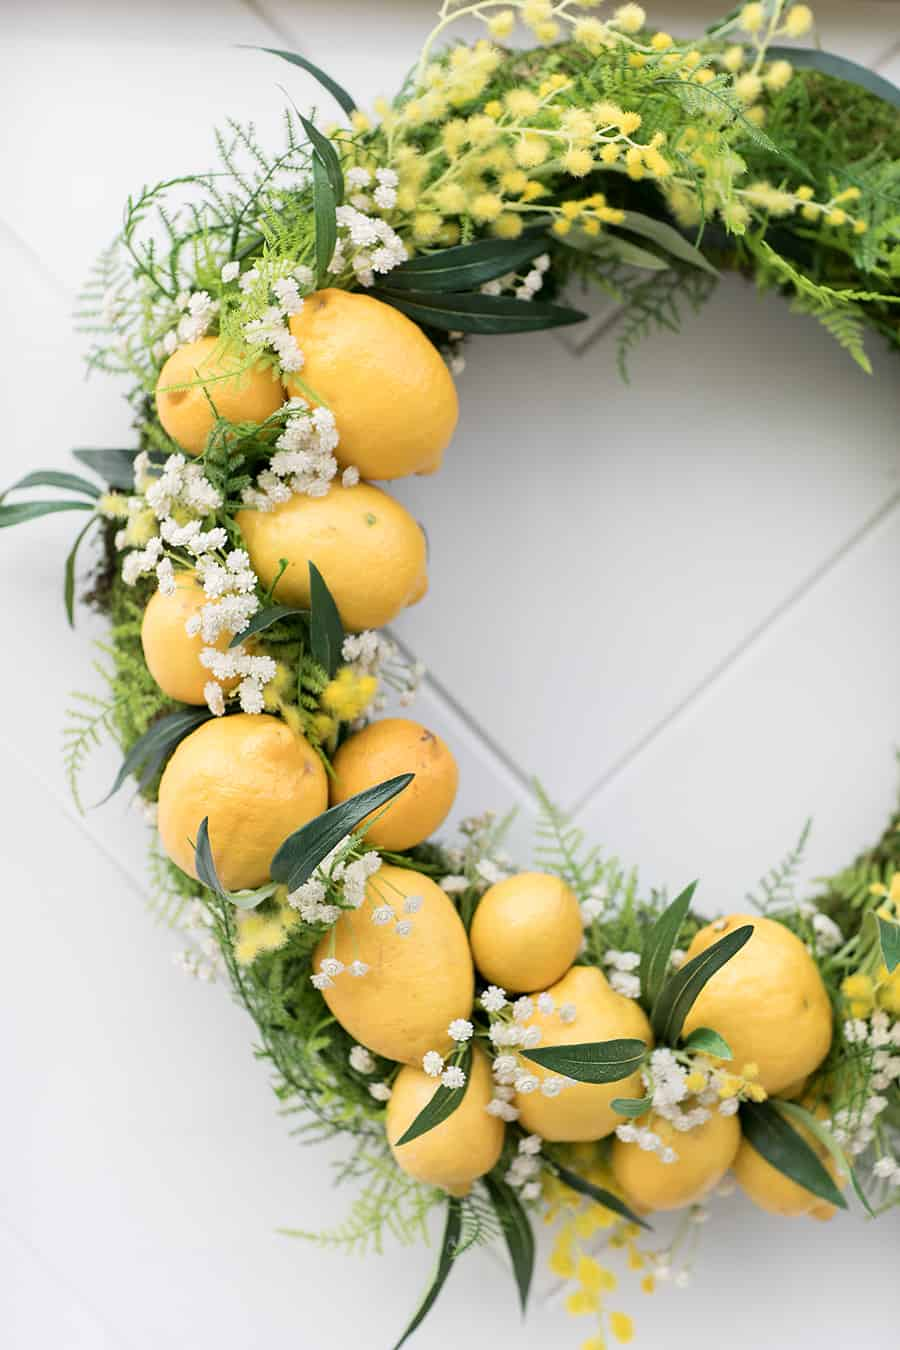 Lemons in a wreath